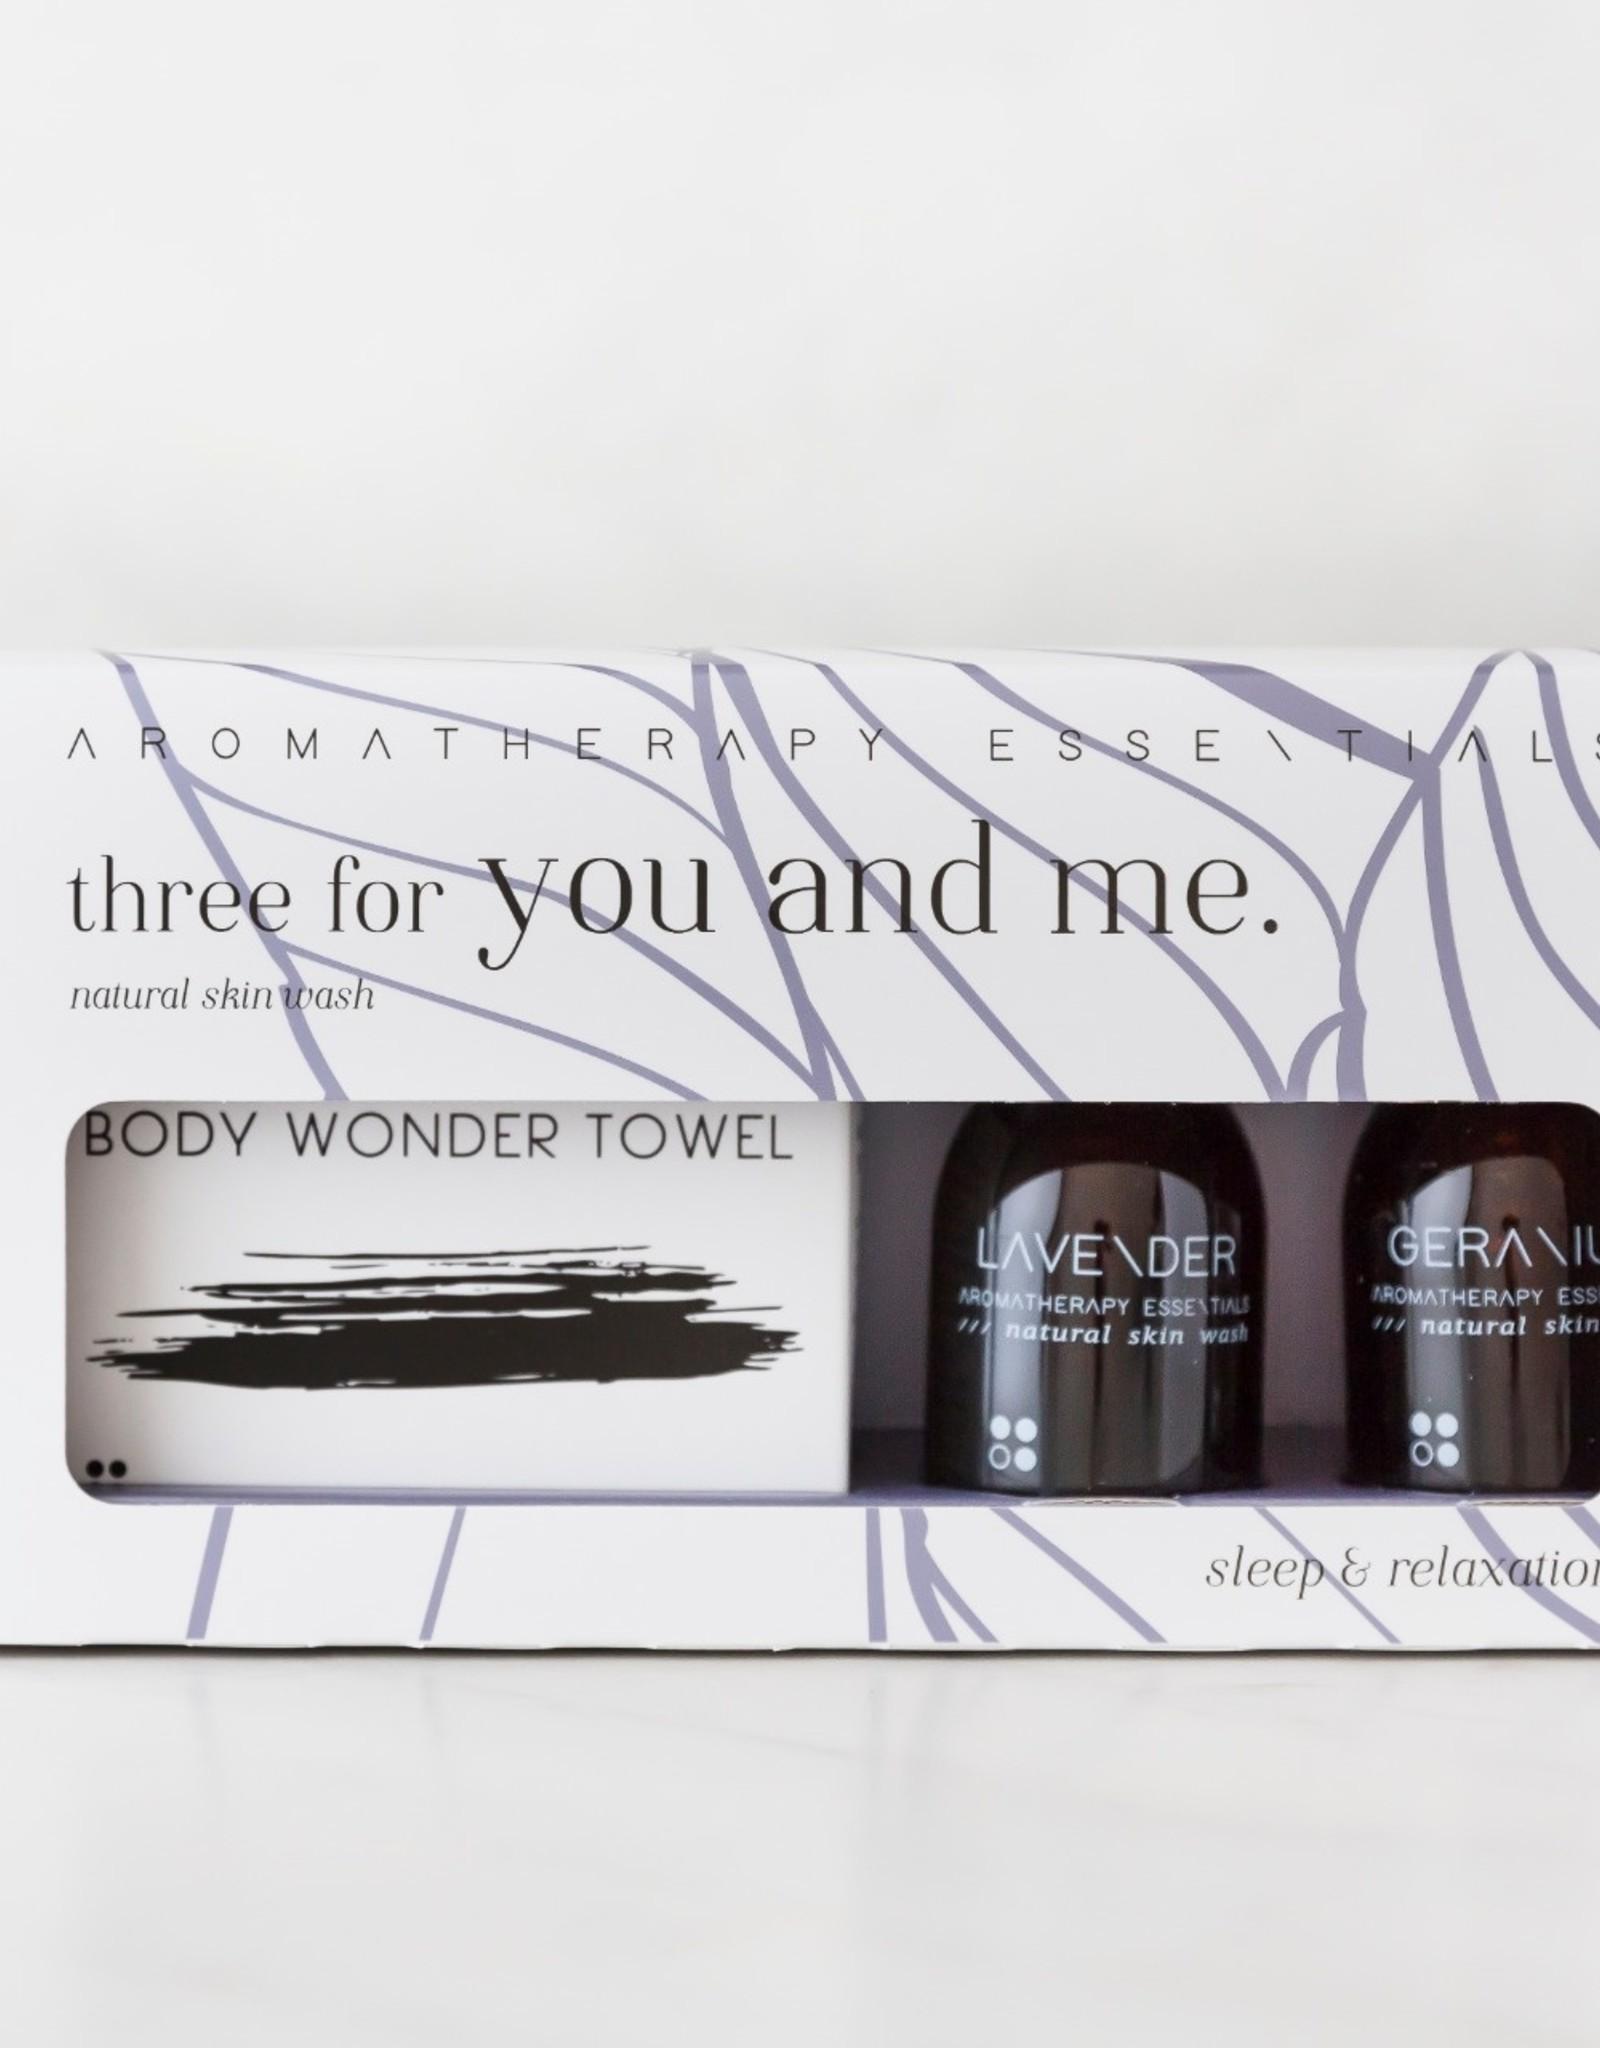 RainPharma Three For You And Me - Sleep & Relaxation - Lavender/Geranium - Rainpharma